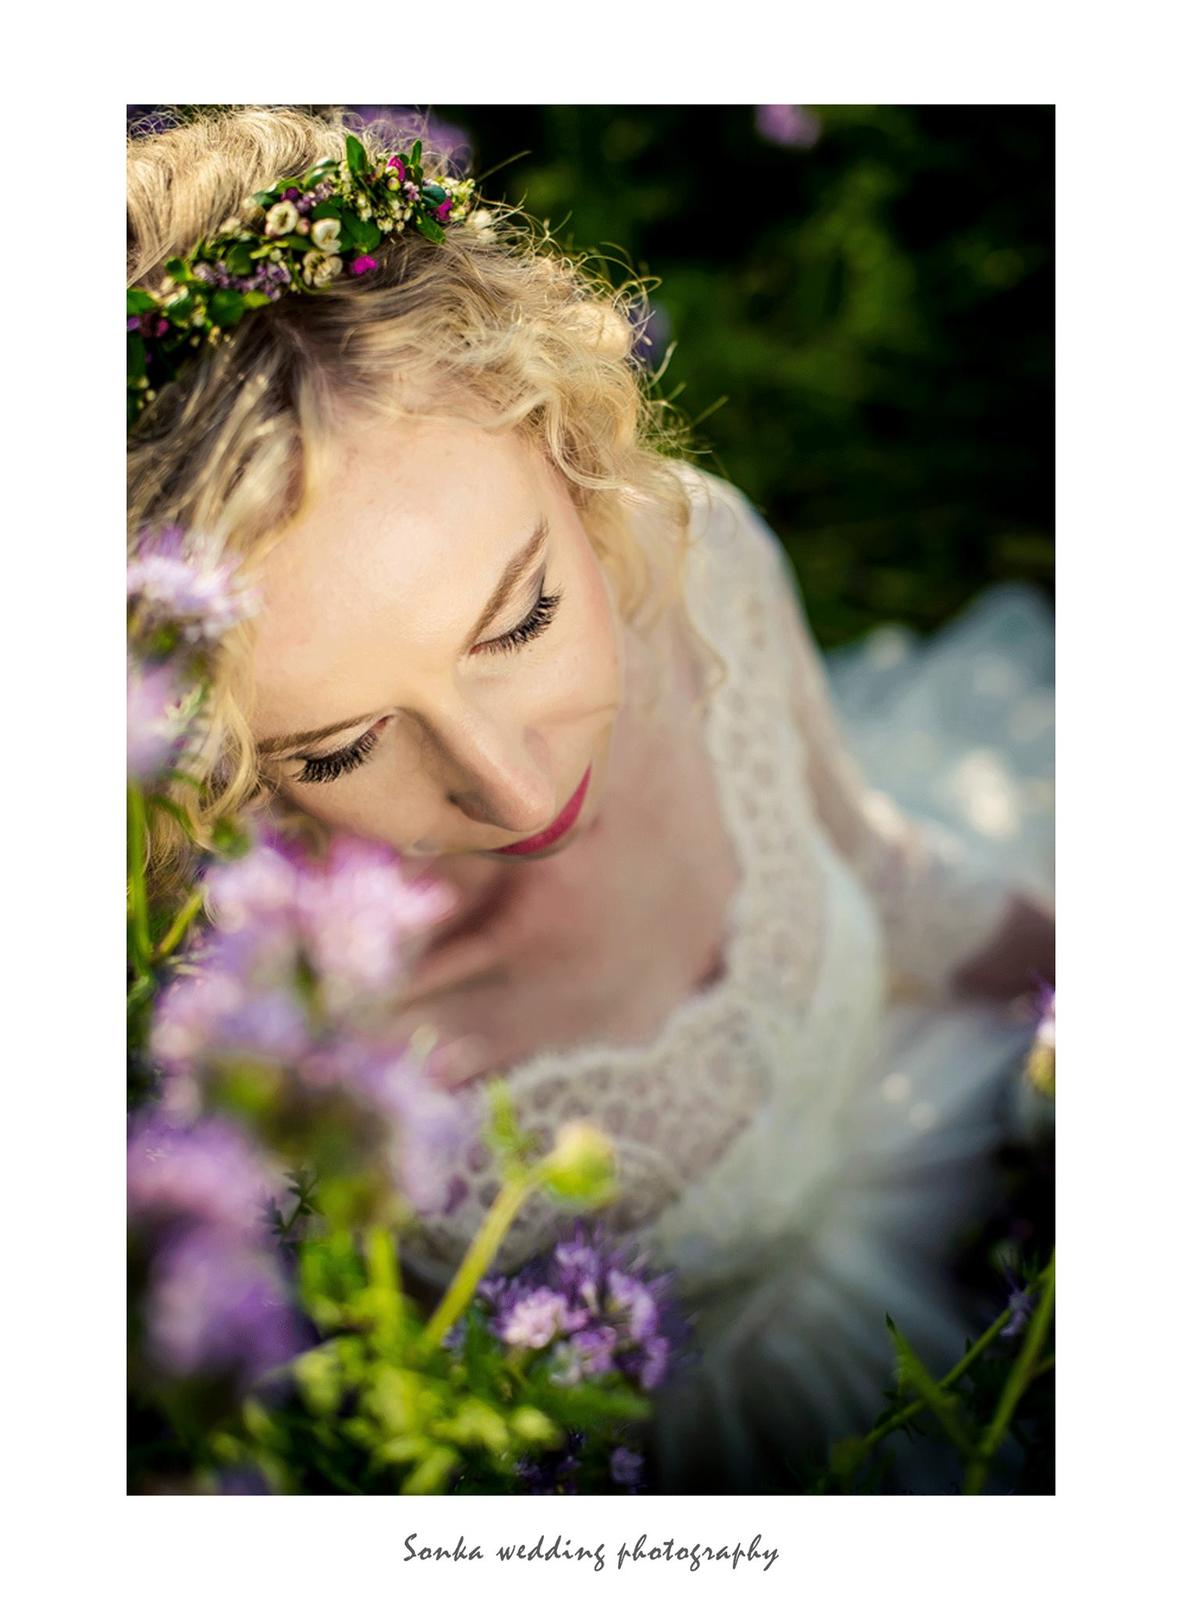 Wedding photography - Obrázek č. 21